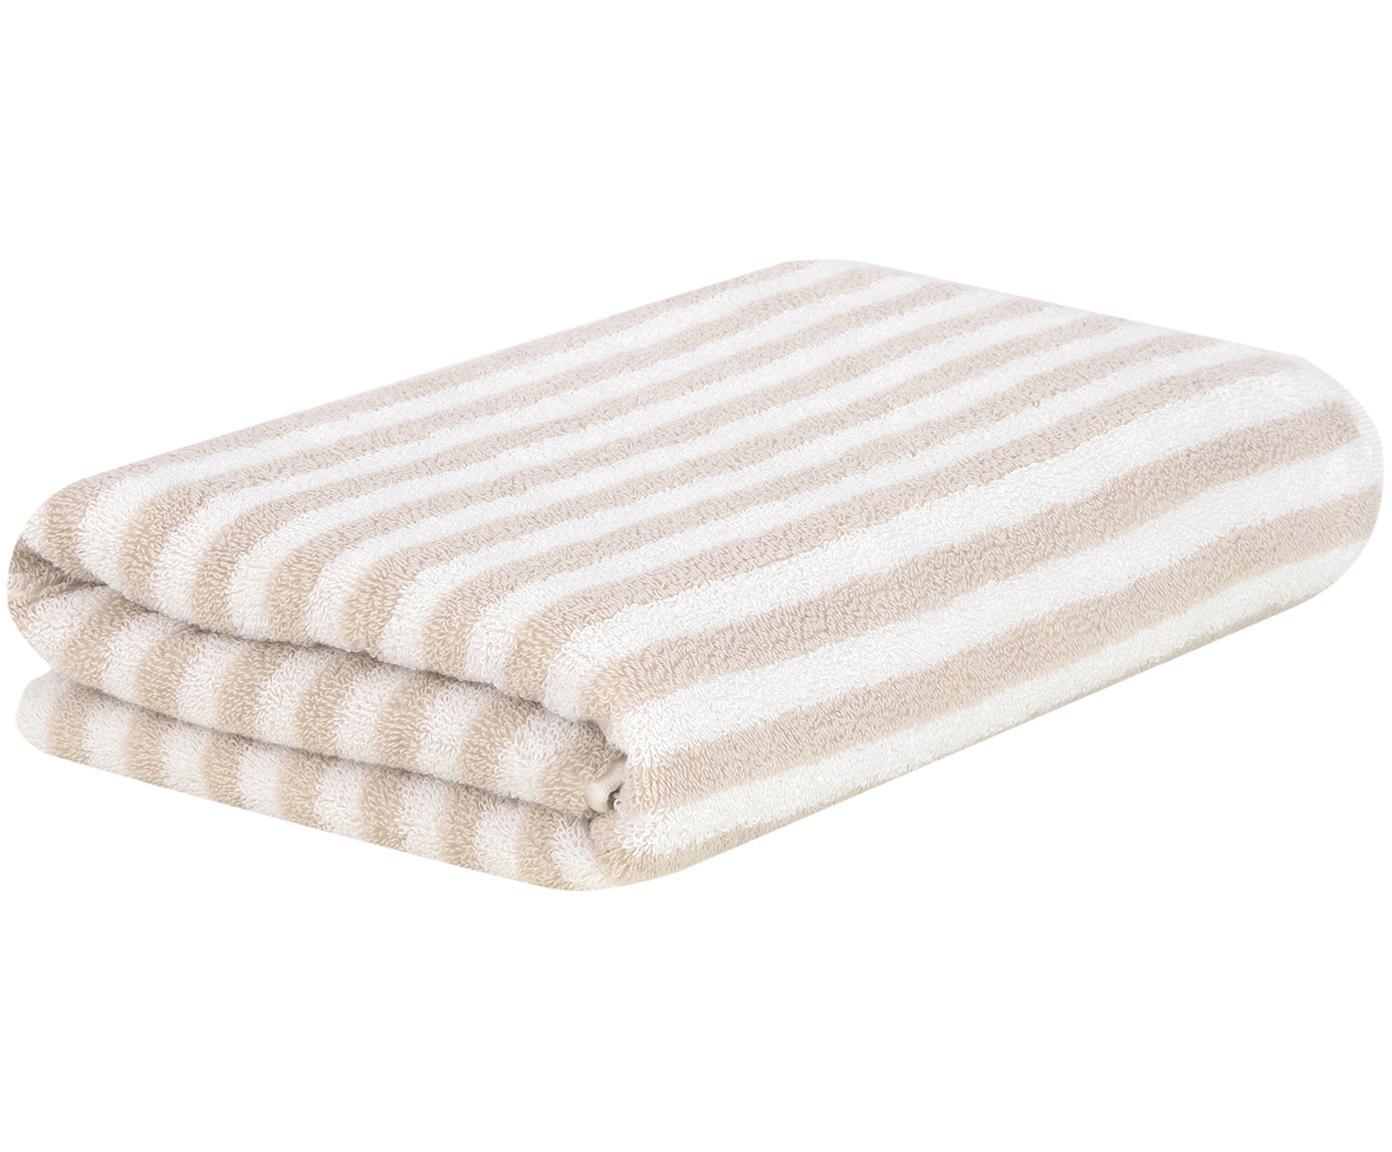 Gestreiftes Handtuch Viola, Sandfarben, Cremeweiß, Handtuch